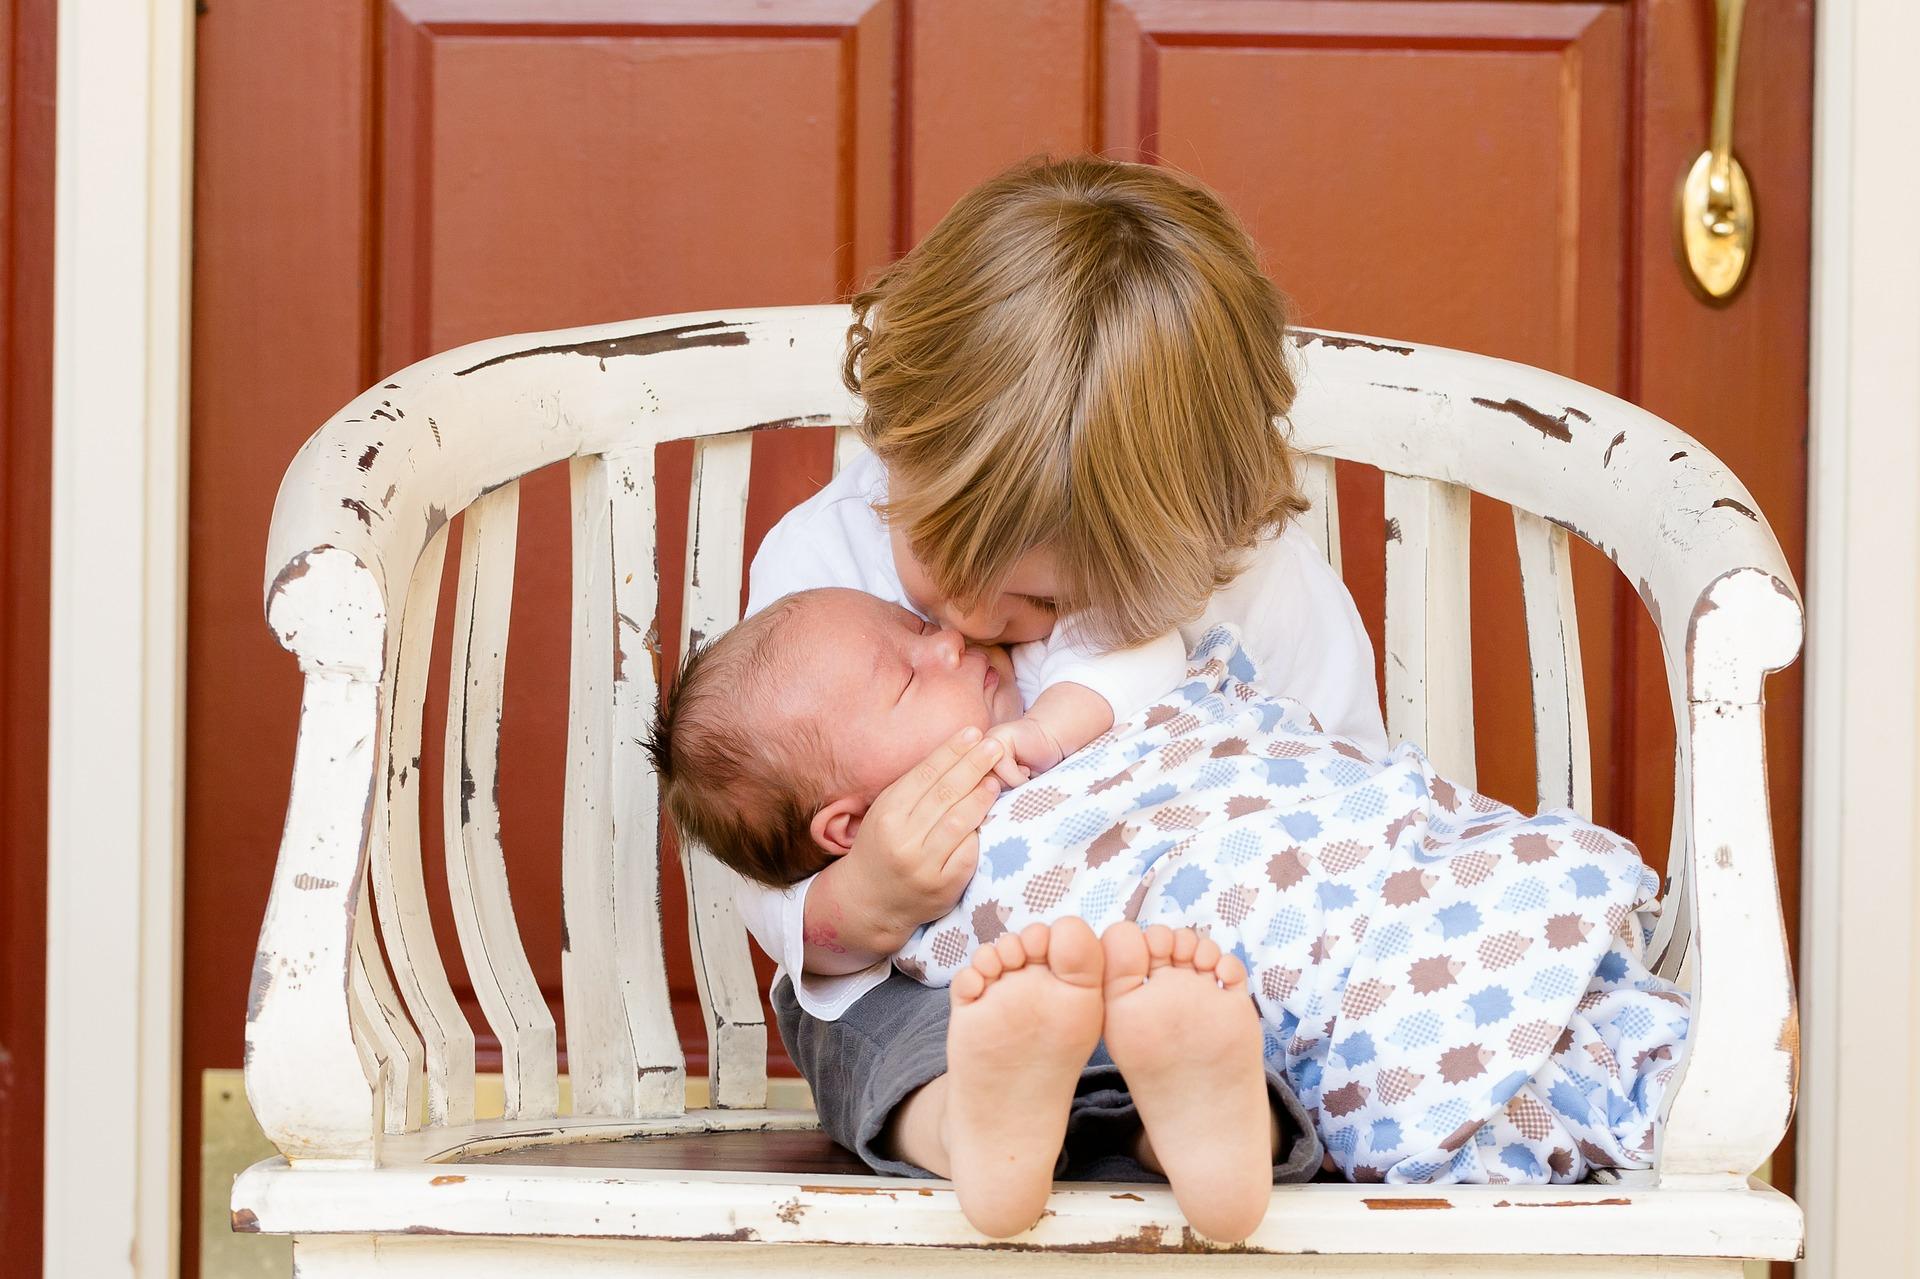 detskaya-revnost-kak-luchshe-dejstvovat-roditelyam